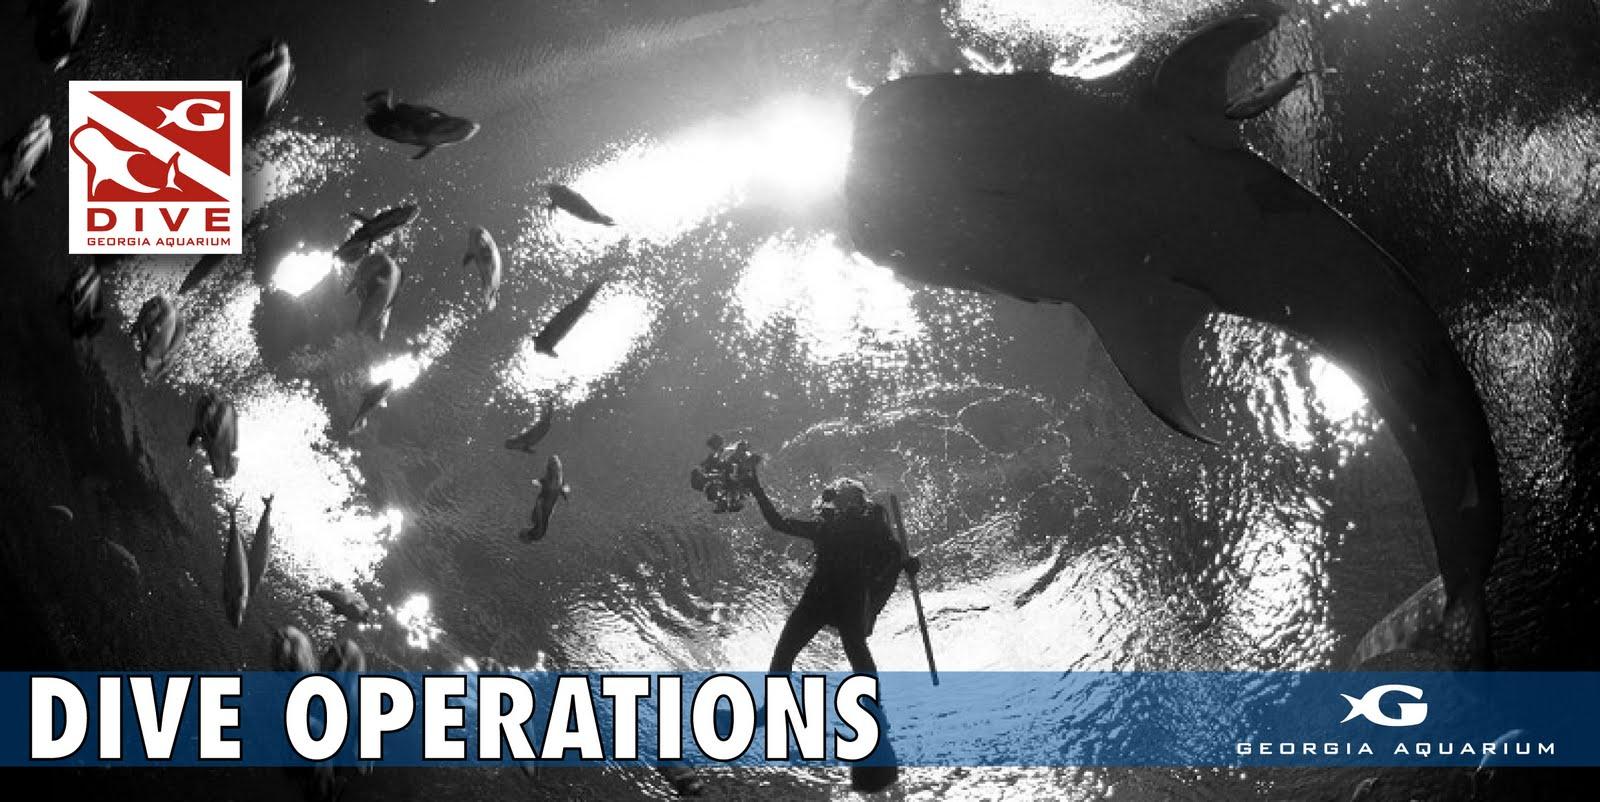 Georgia Aquarium Dive Operations